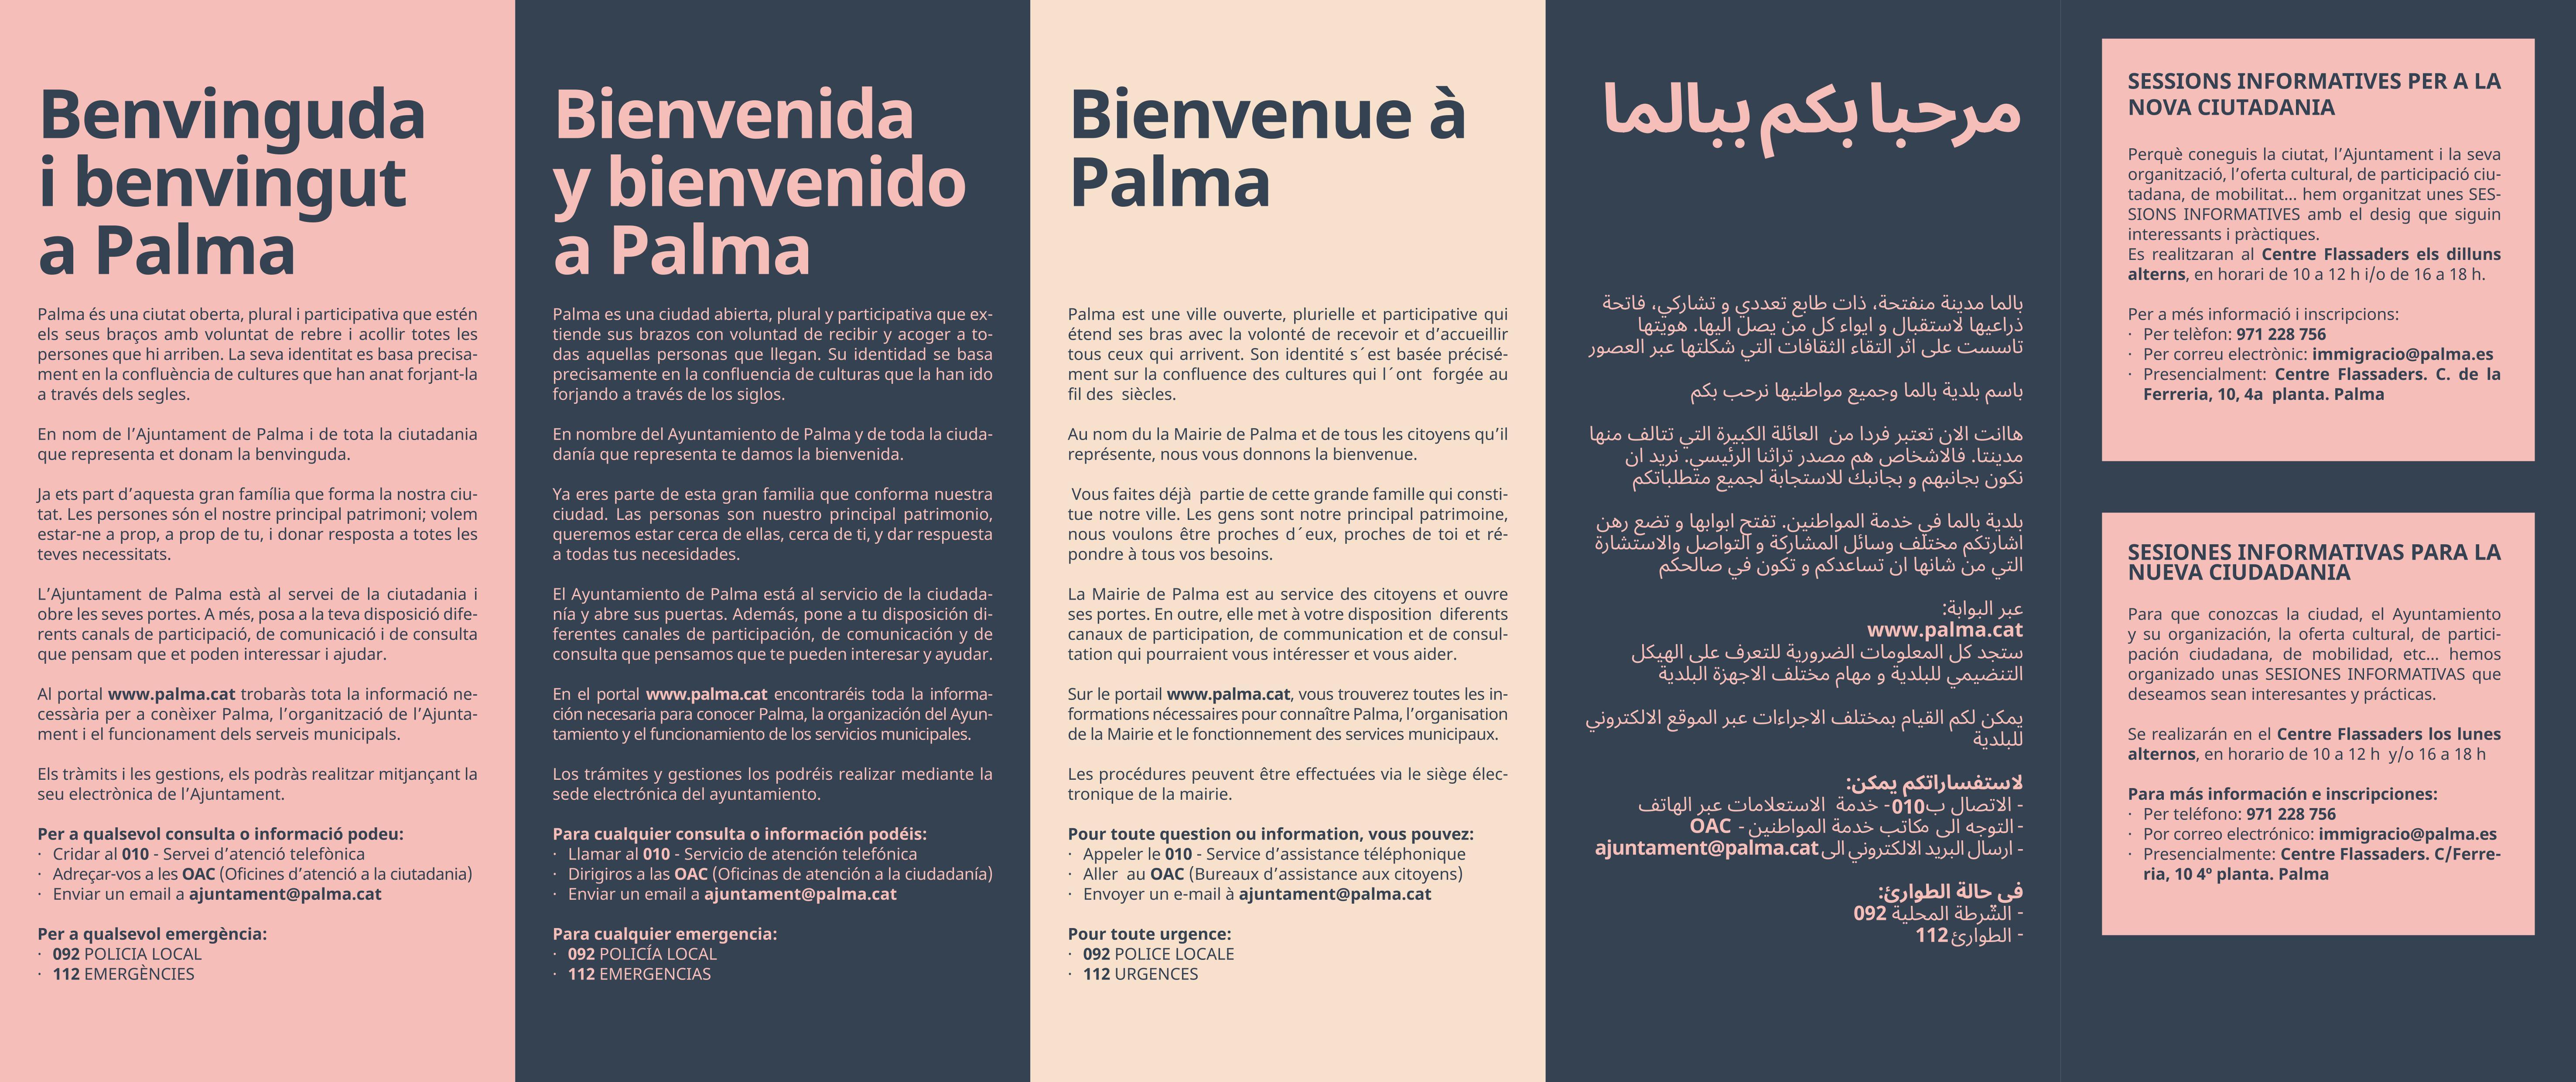 Un fulletó de benvinguda per a les persones que s'empadronen a Palma